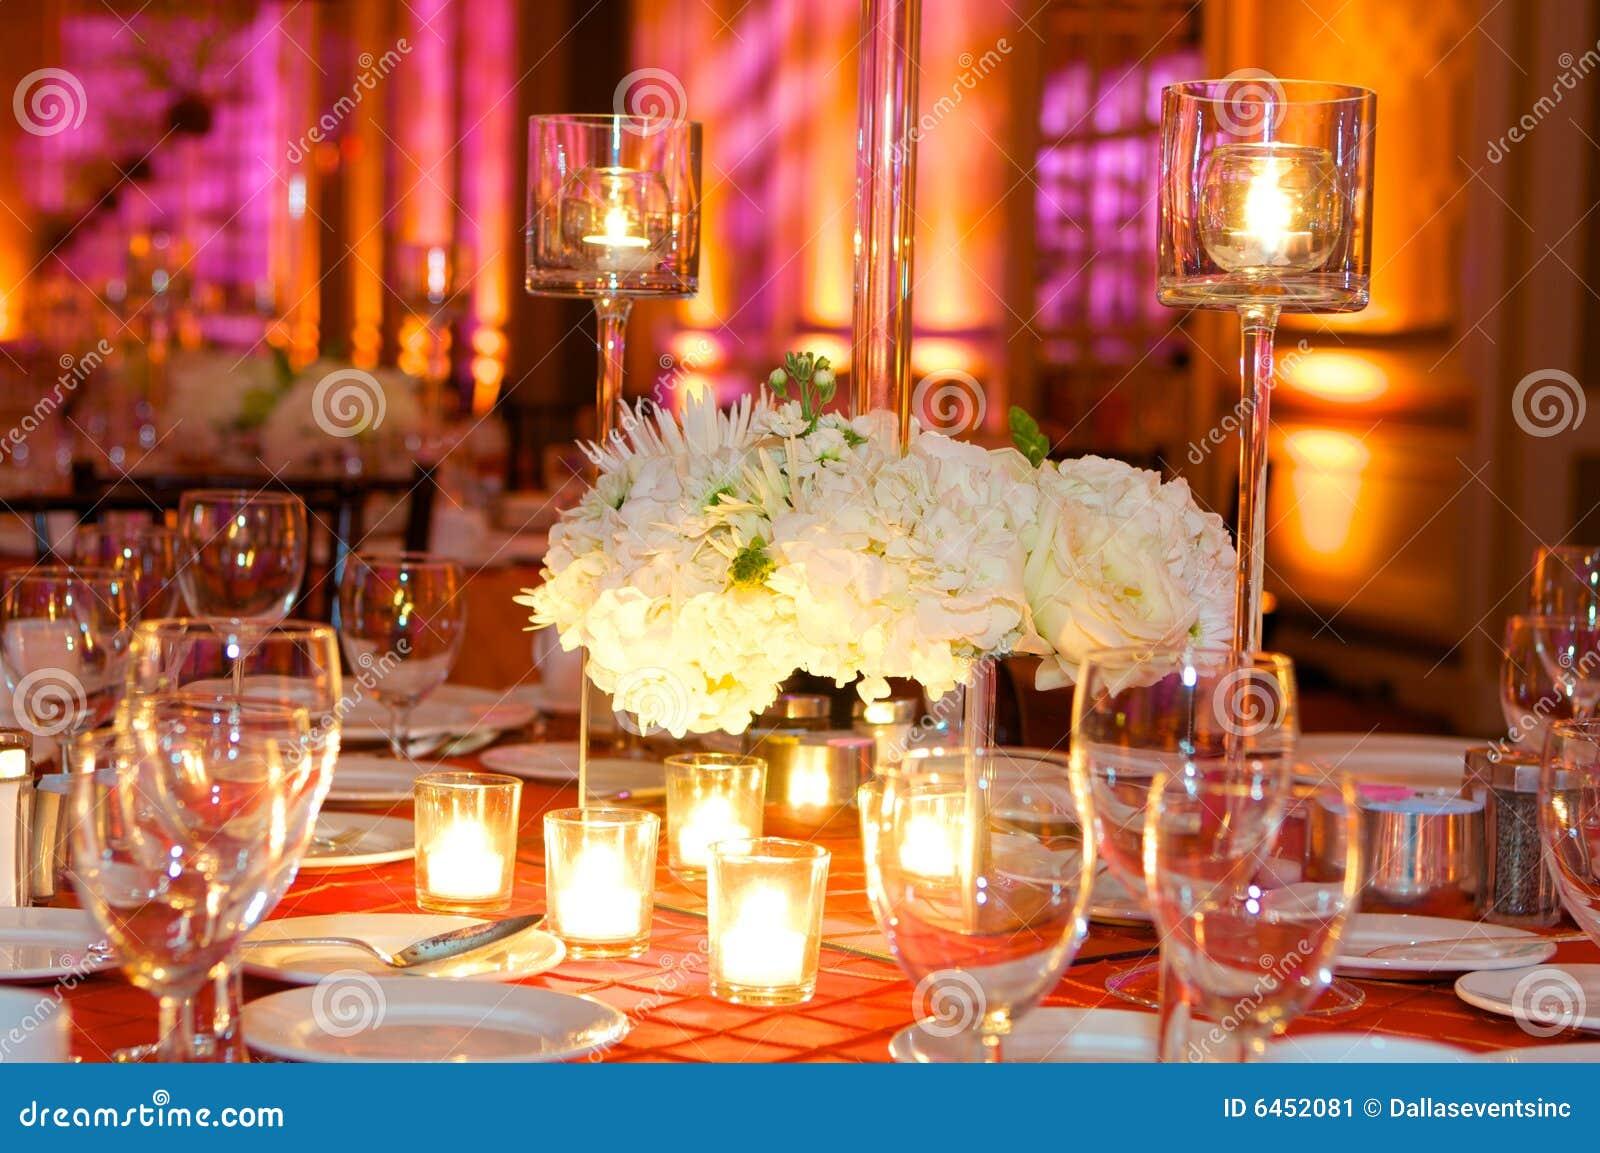 configuration de tableau une r ception de mariage de luxe image stock image 6452081. Black Bedroom Furniture Sets. Home Design Ideas